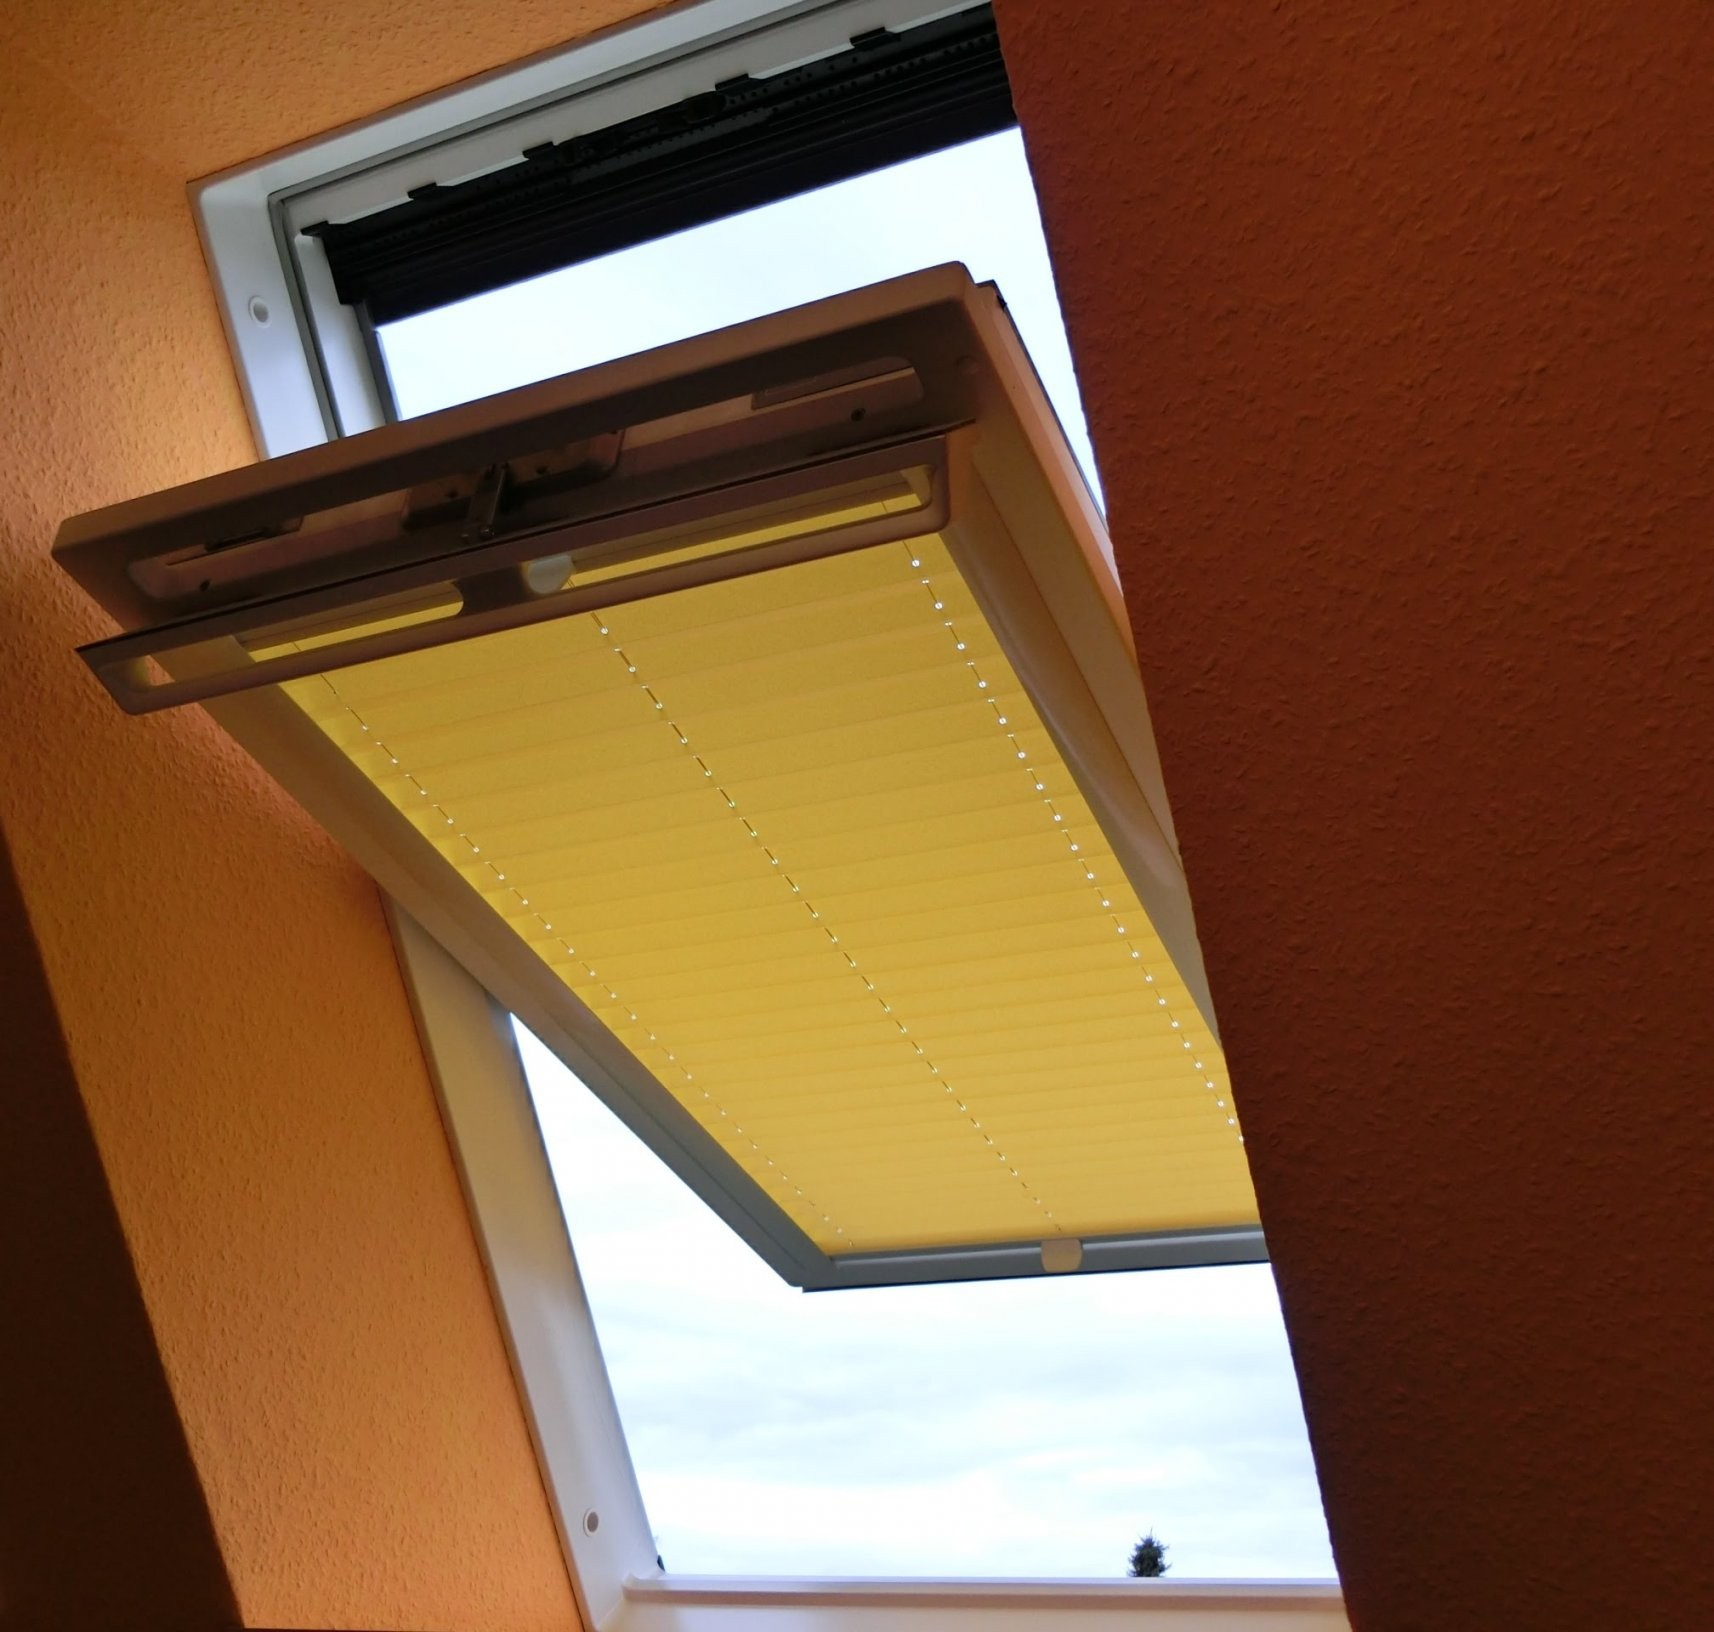 Plissee Dachfenster Ohne Bohren Ausgezeichnet Plissee Sonnenschutz von Rollos Für Fenster Ohne Bohren Bild